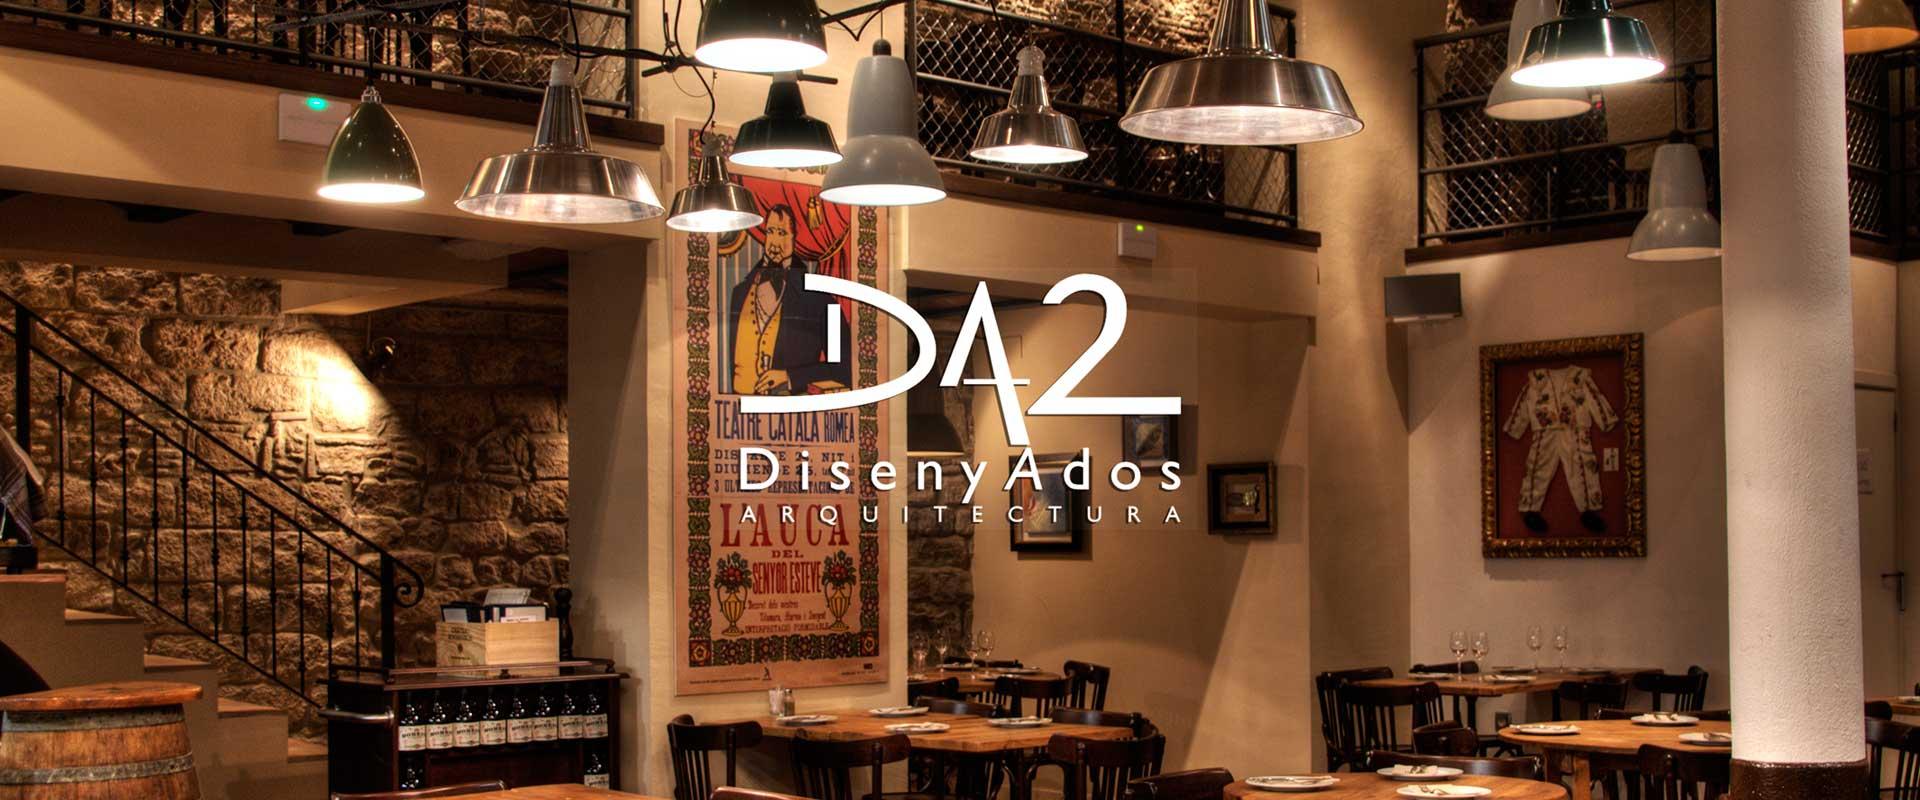 Da2 arquitectura interiorismo y arquitectura - Arquitectura y decoracion ...